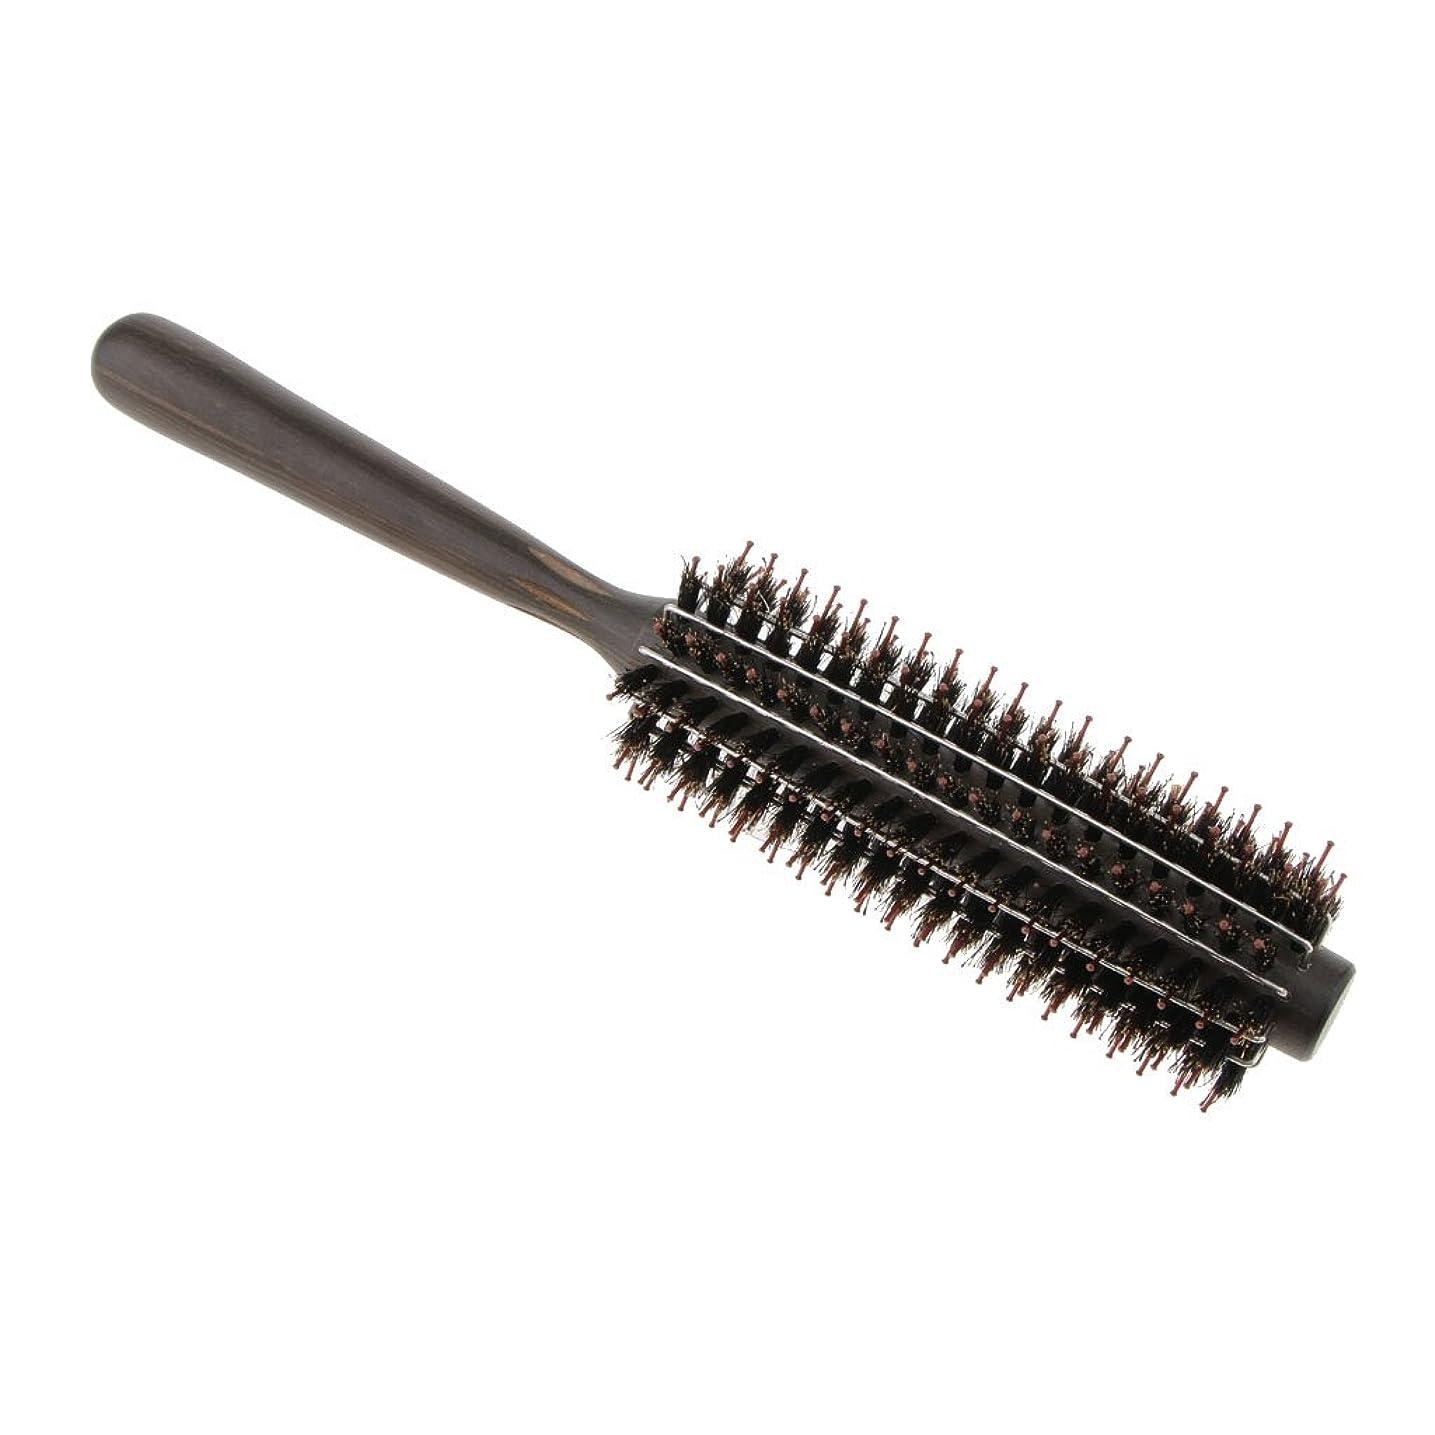 バブル安心悲しむPerfk ロールブラシ ヘアブラシ カール 巻き髪  ヘアコーム 3サイズ選べる  - M